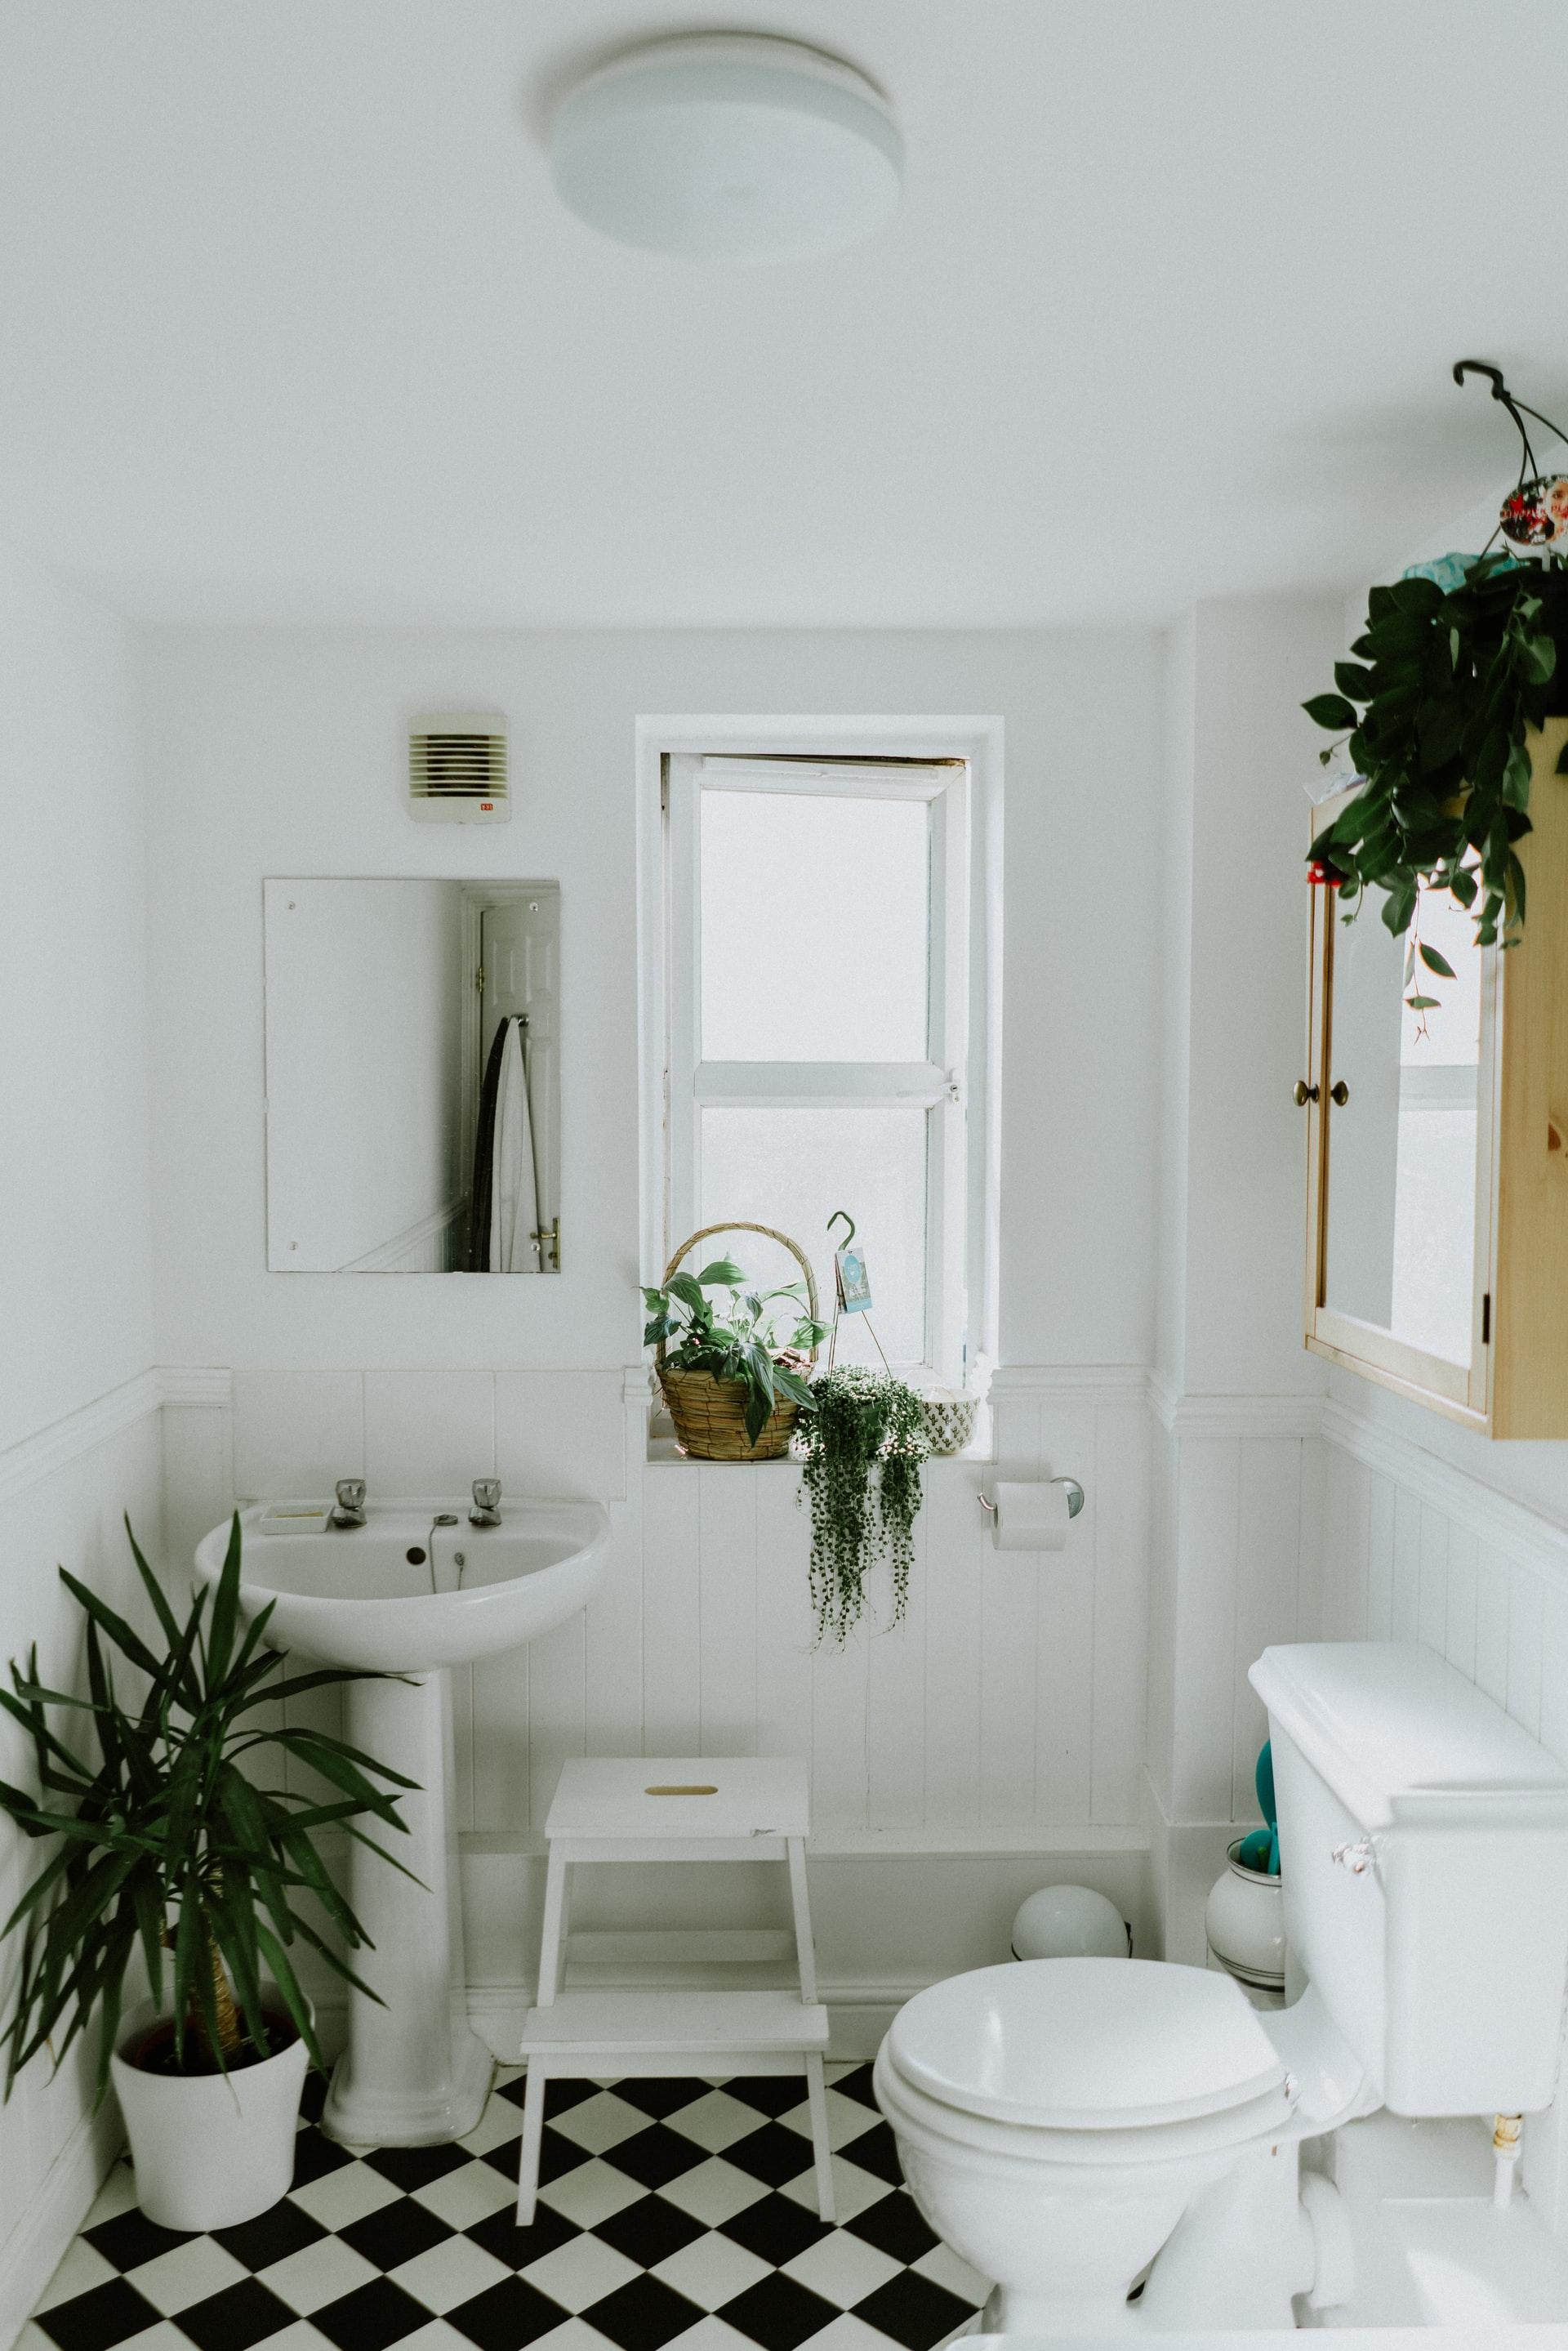 Wat je moet weten over kosten voor woningverbetering